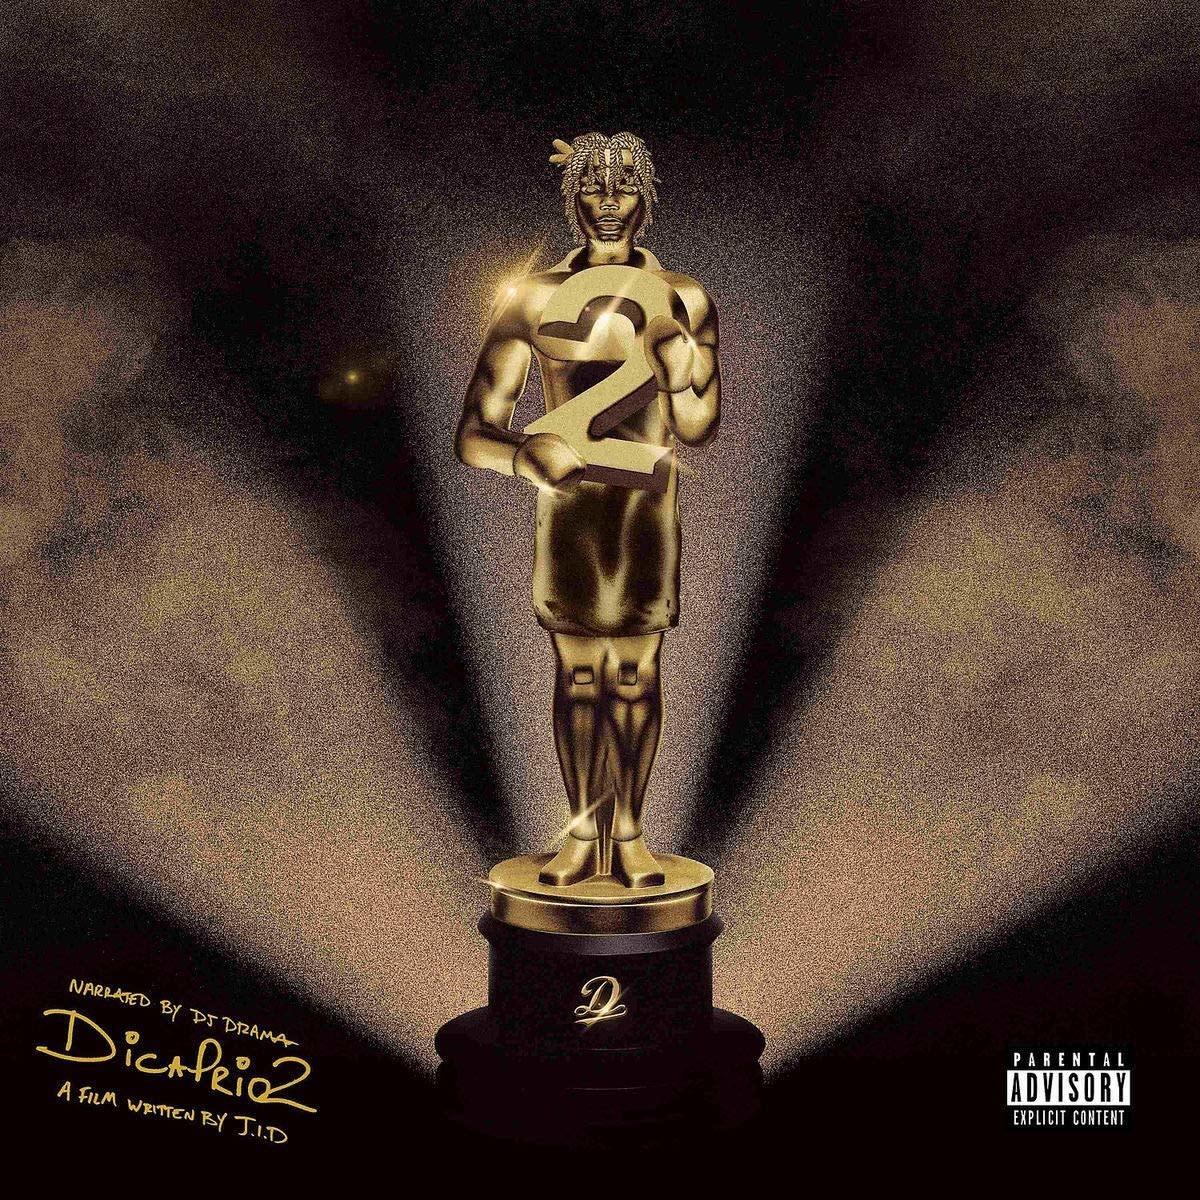 J.I.D - DiCaprio 2